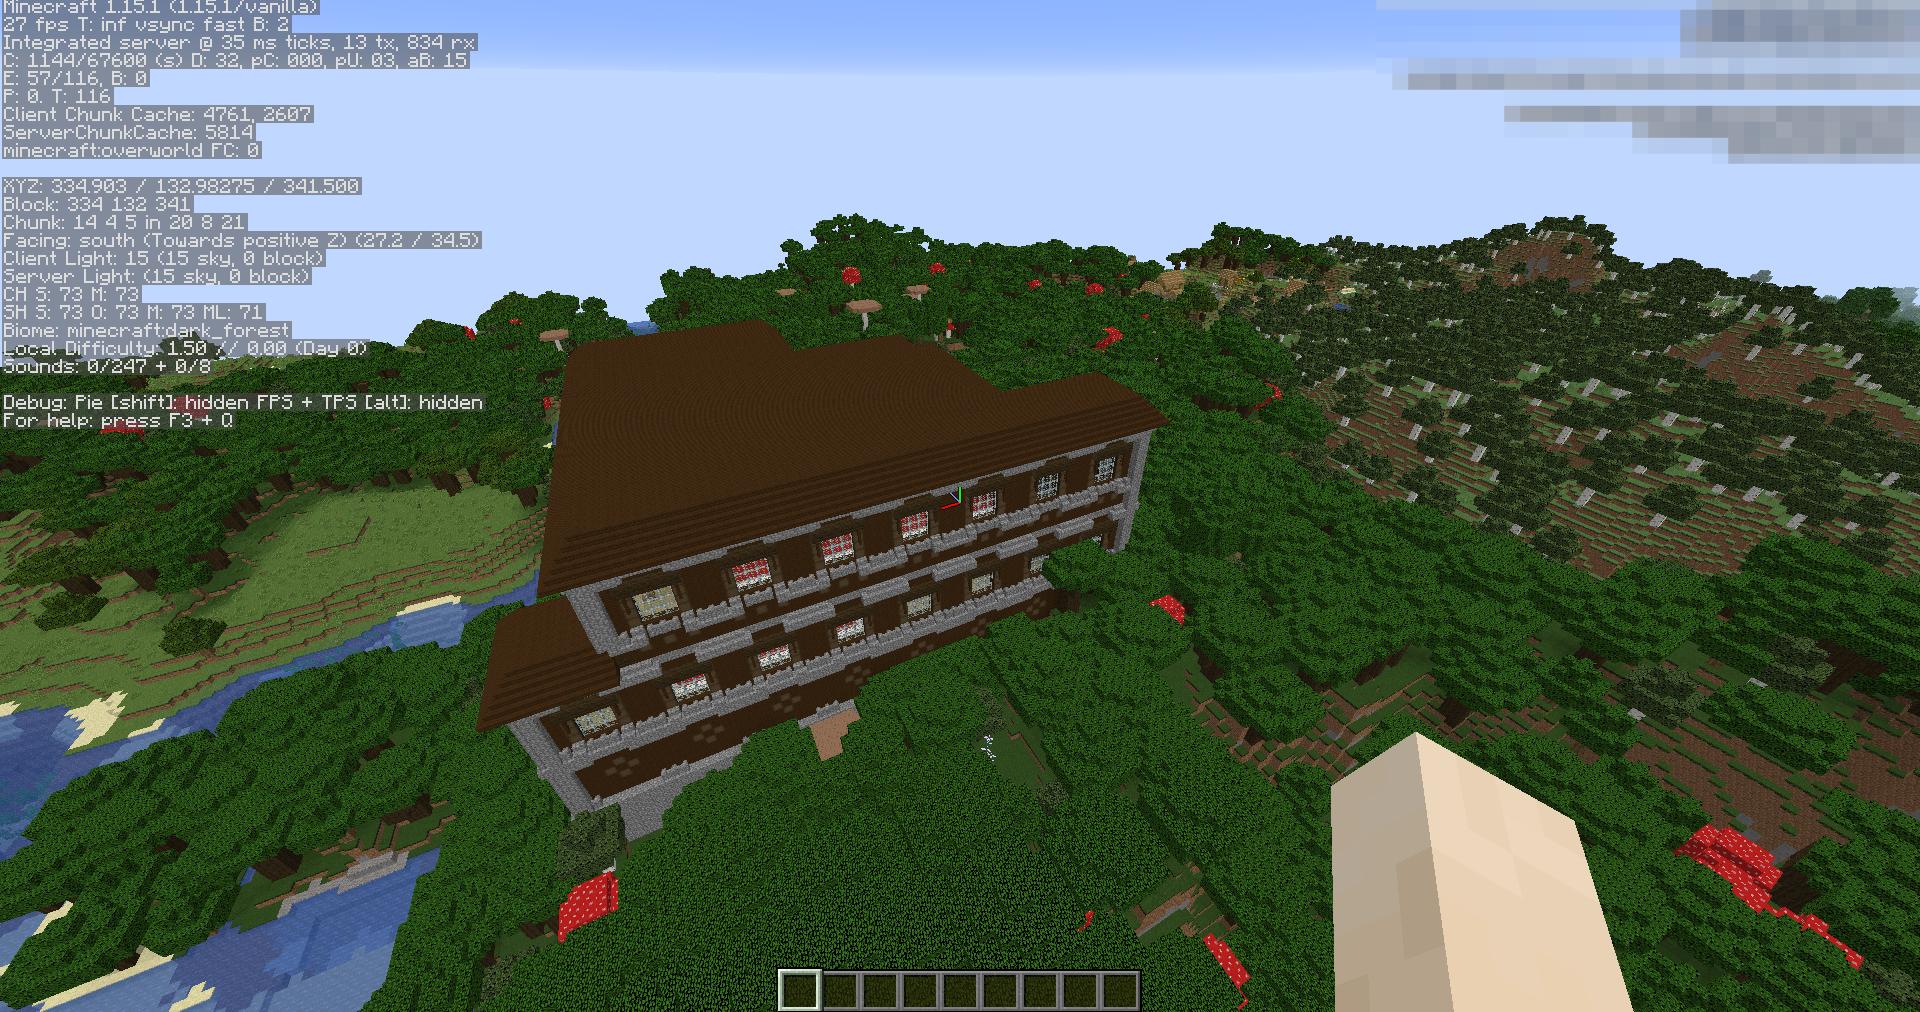 Сид «Лесной особняк разбойников и деревня» - скриншот 2